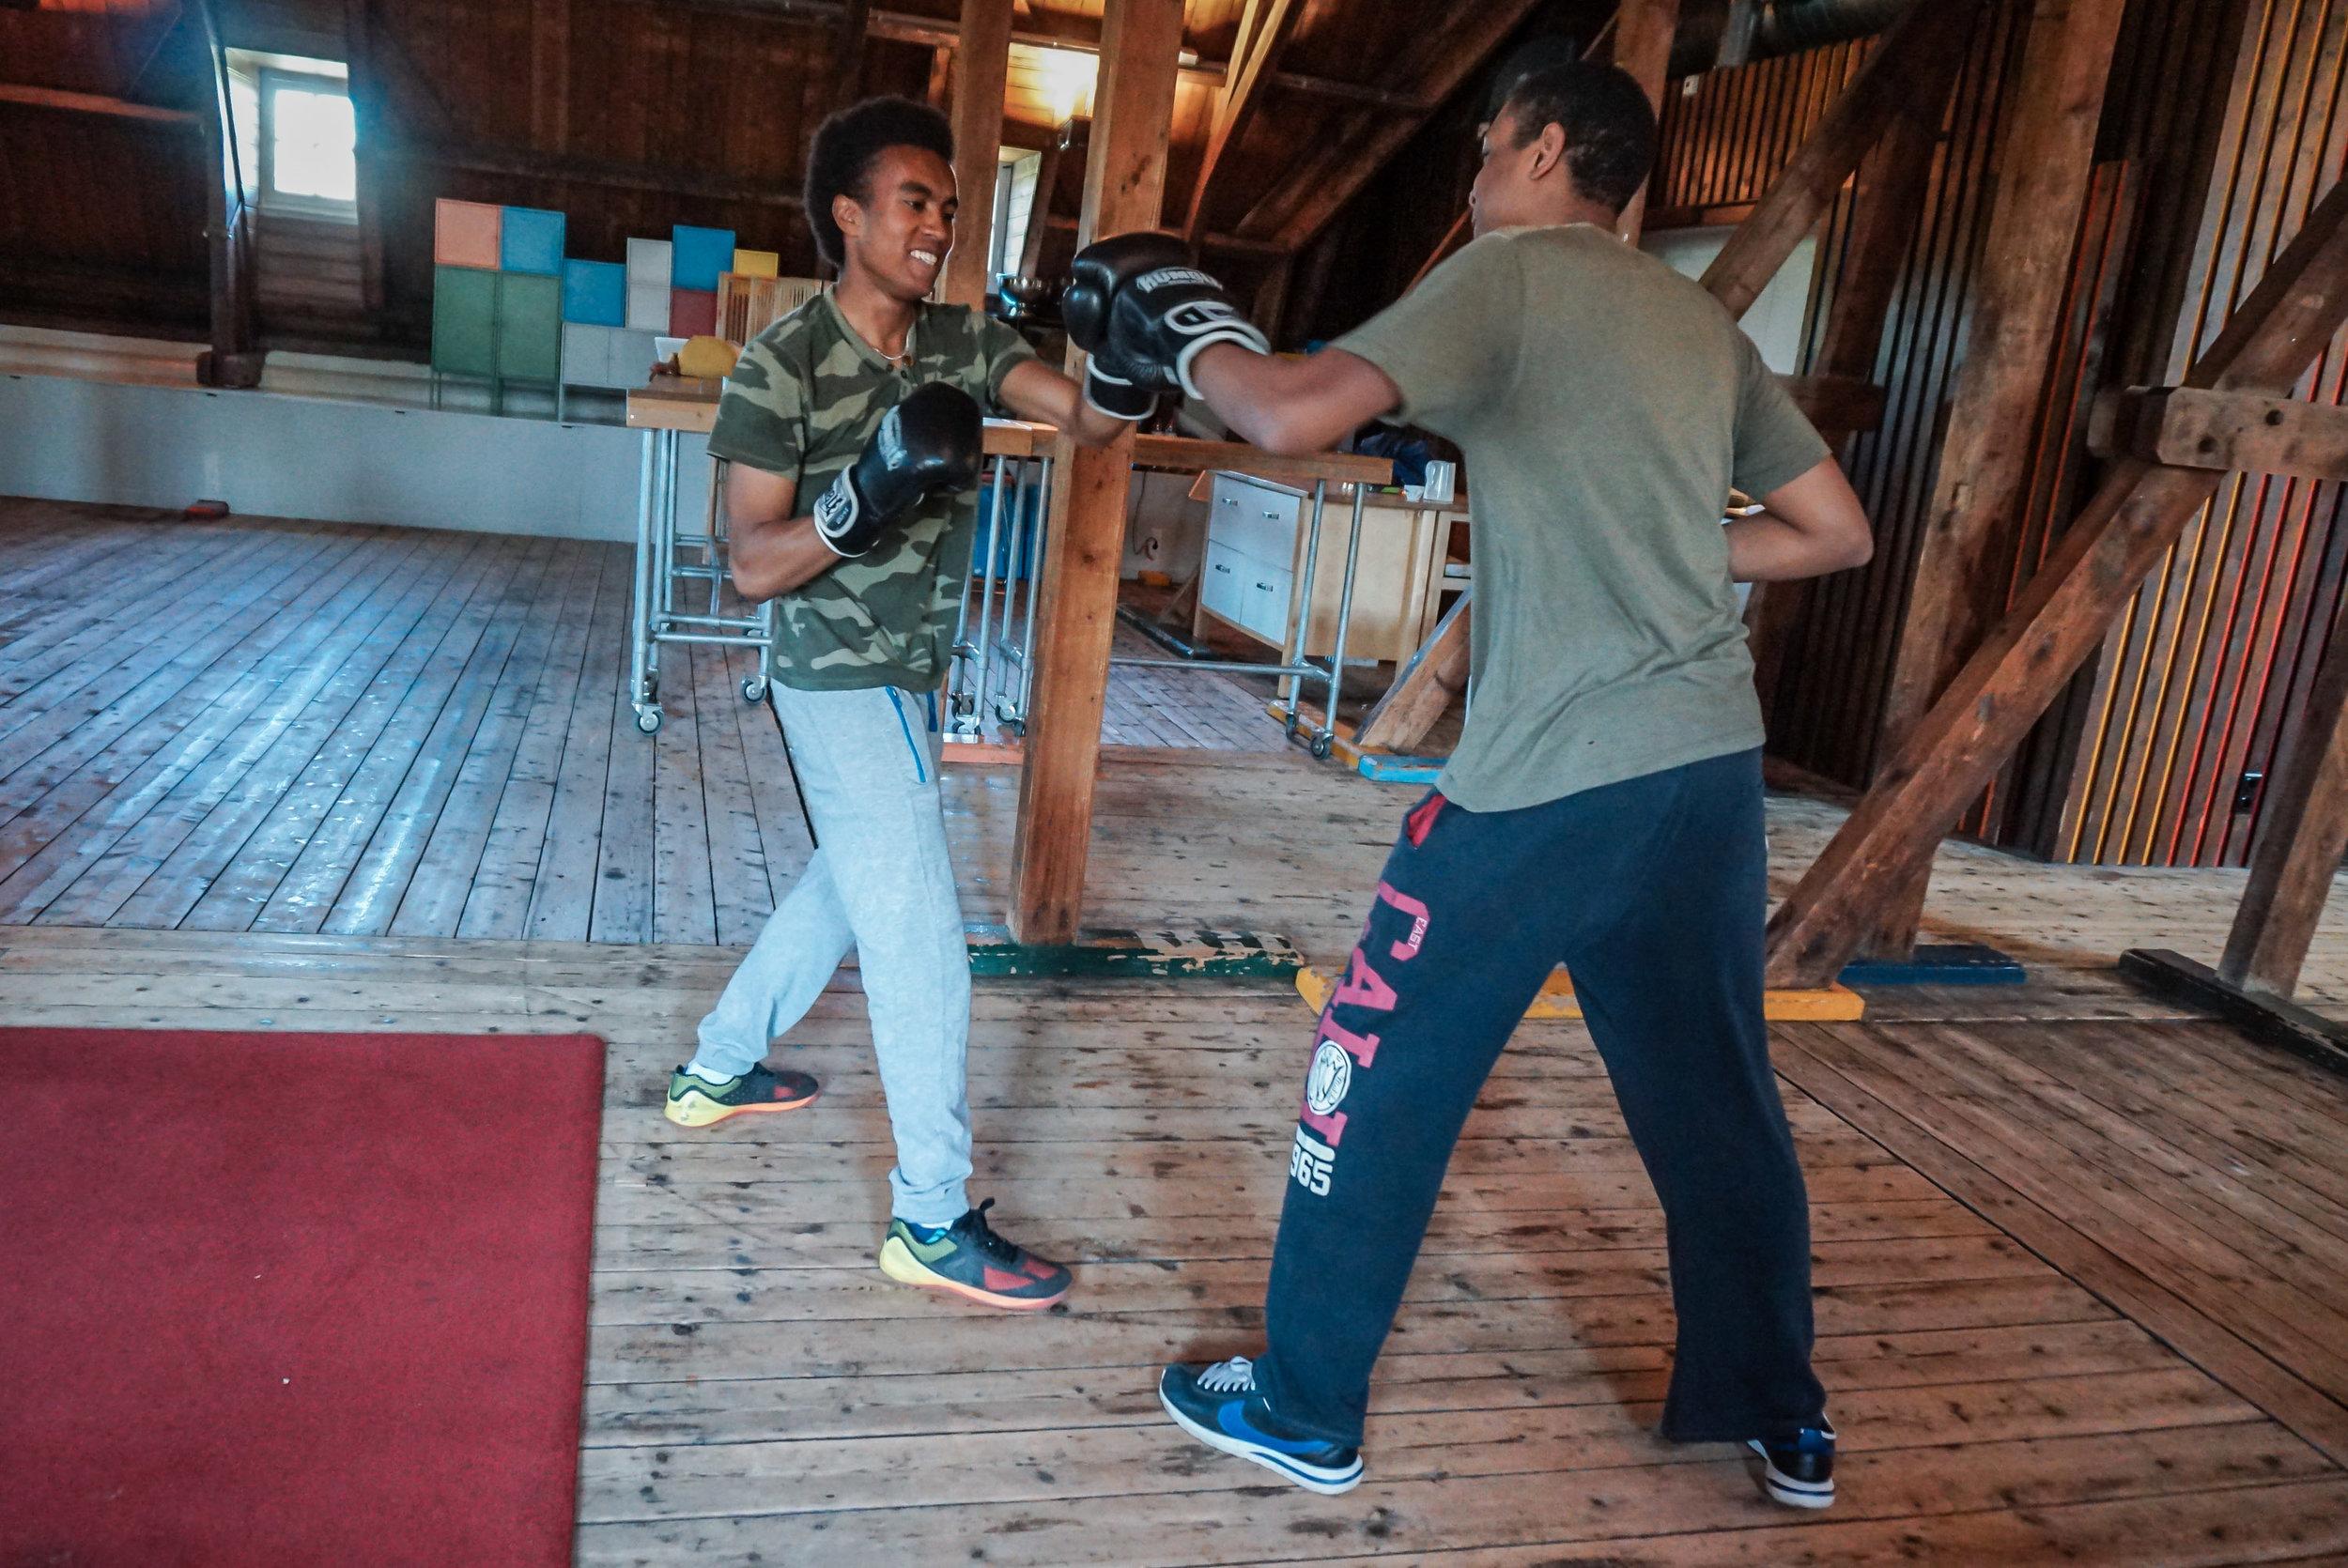 zelfontwikkeling_amsterdam_leerstage_boksen.jpg